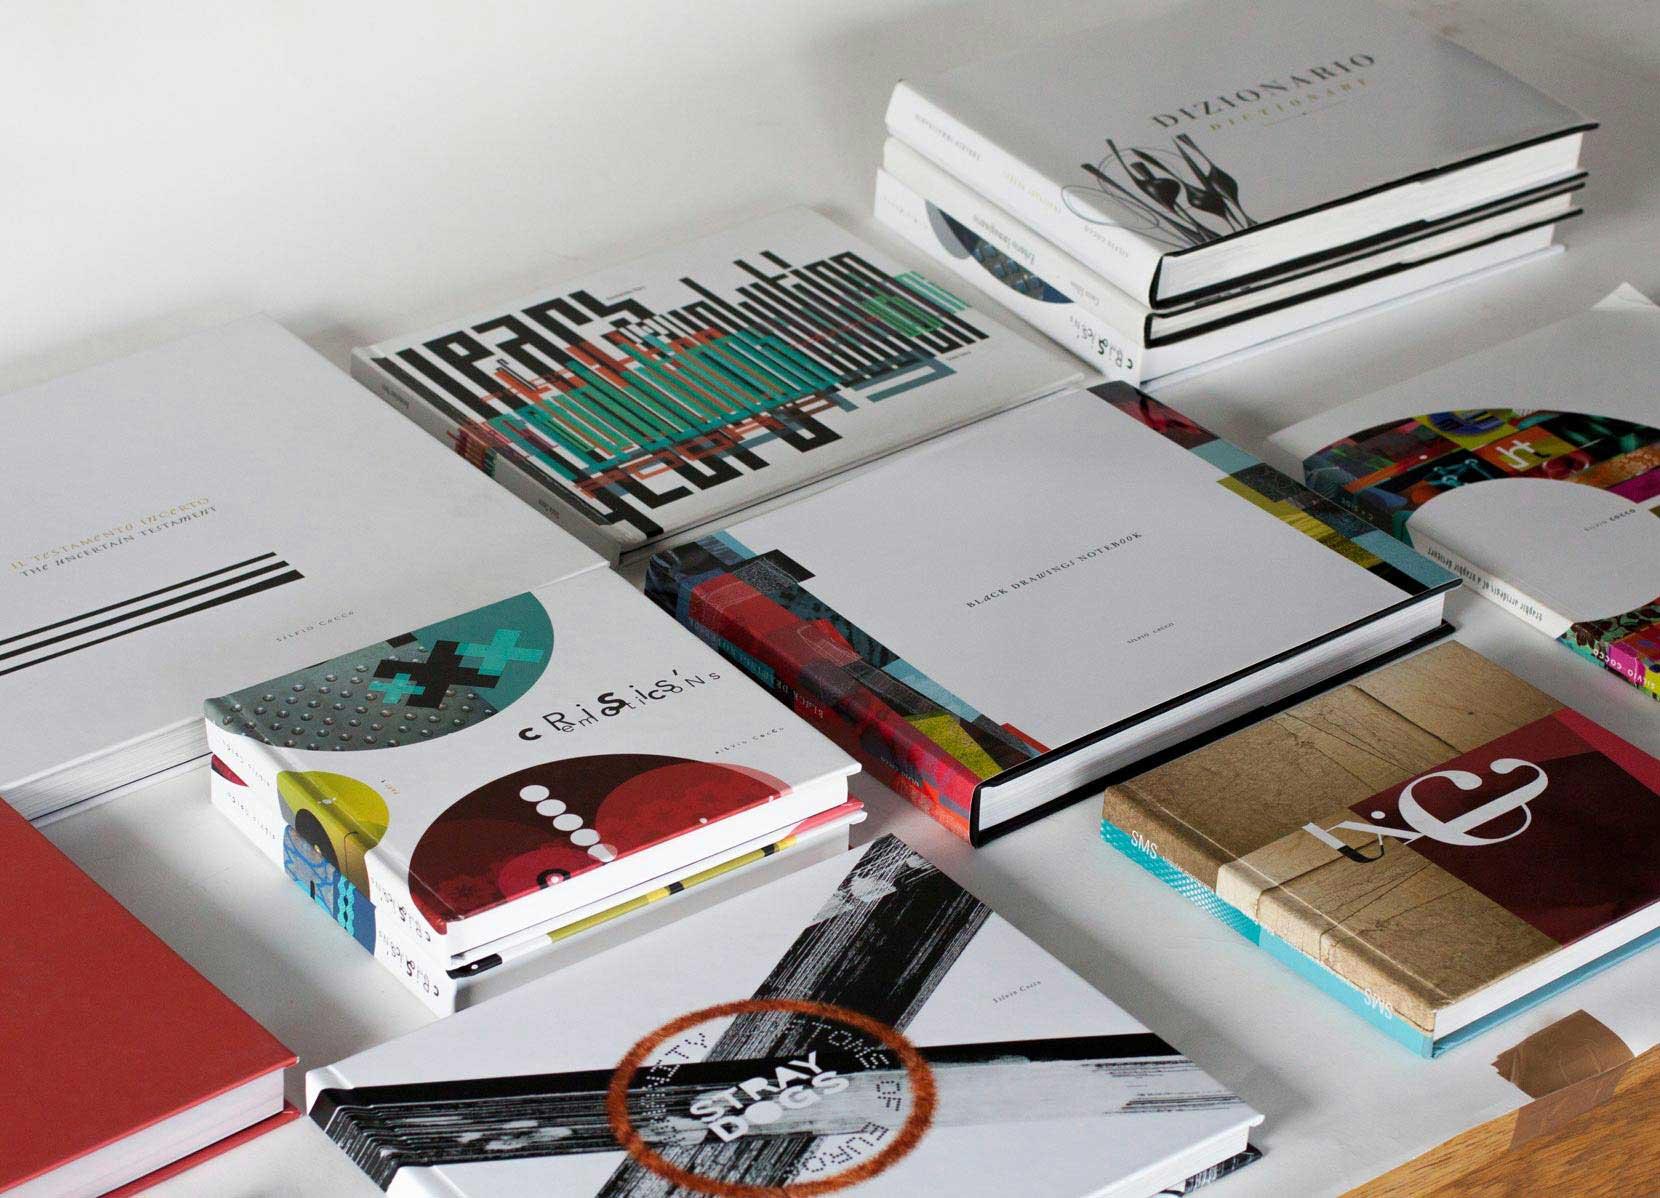 silvio-cocco-books-design-art2